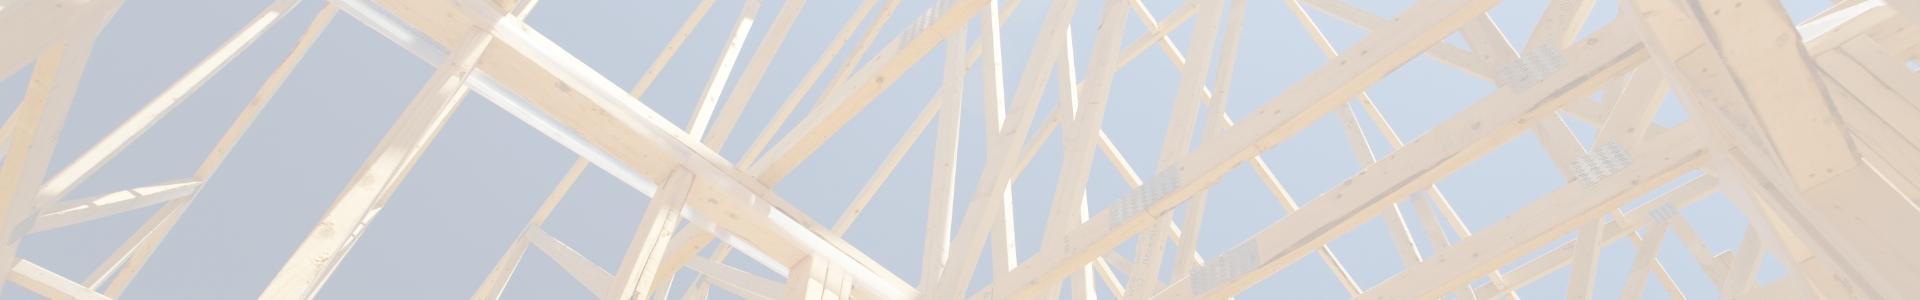 Drewniany dach